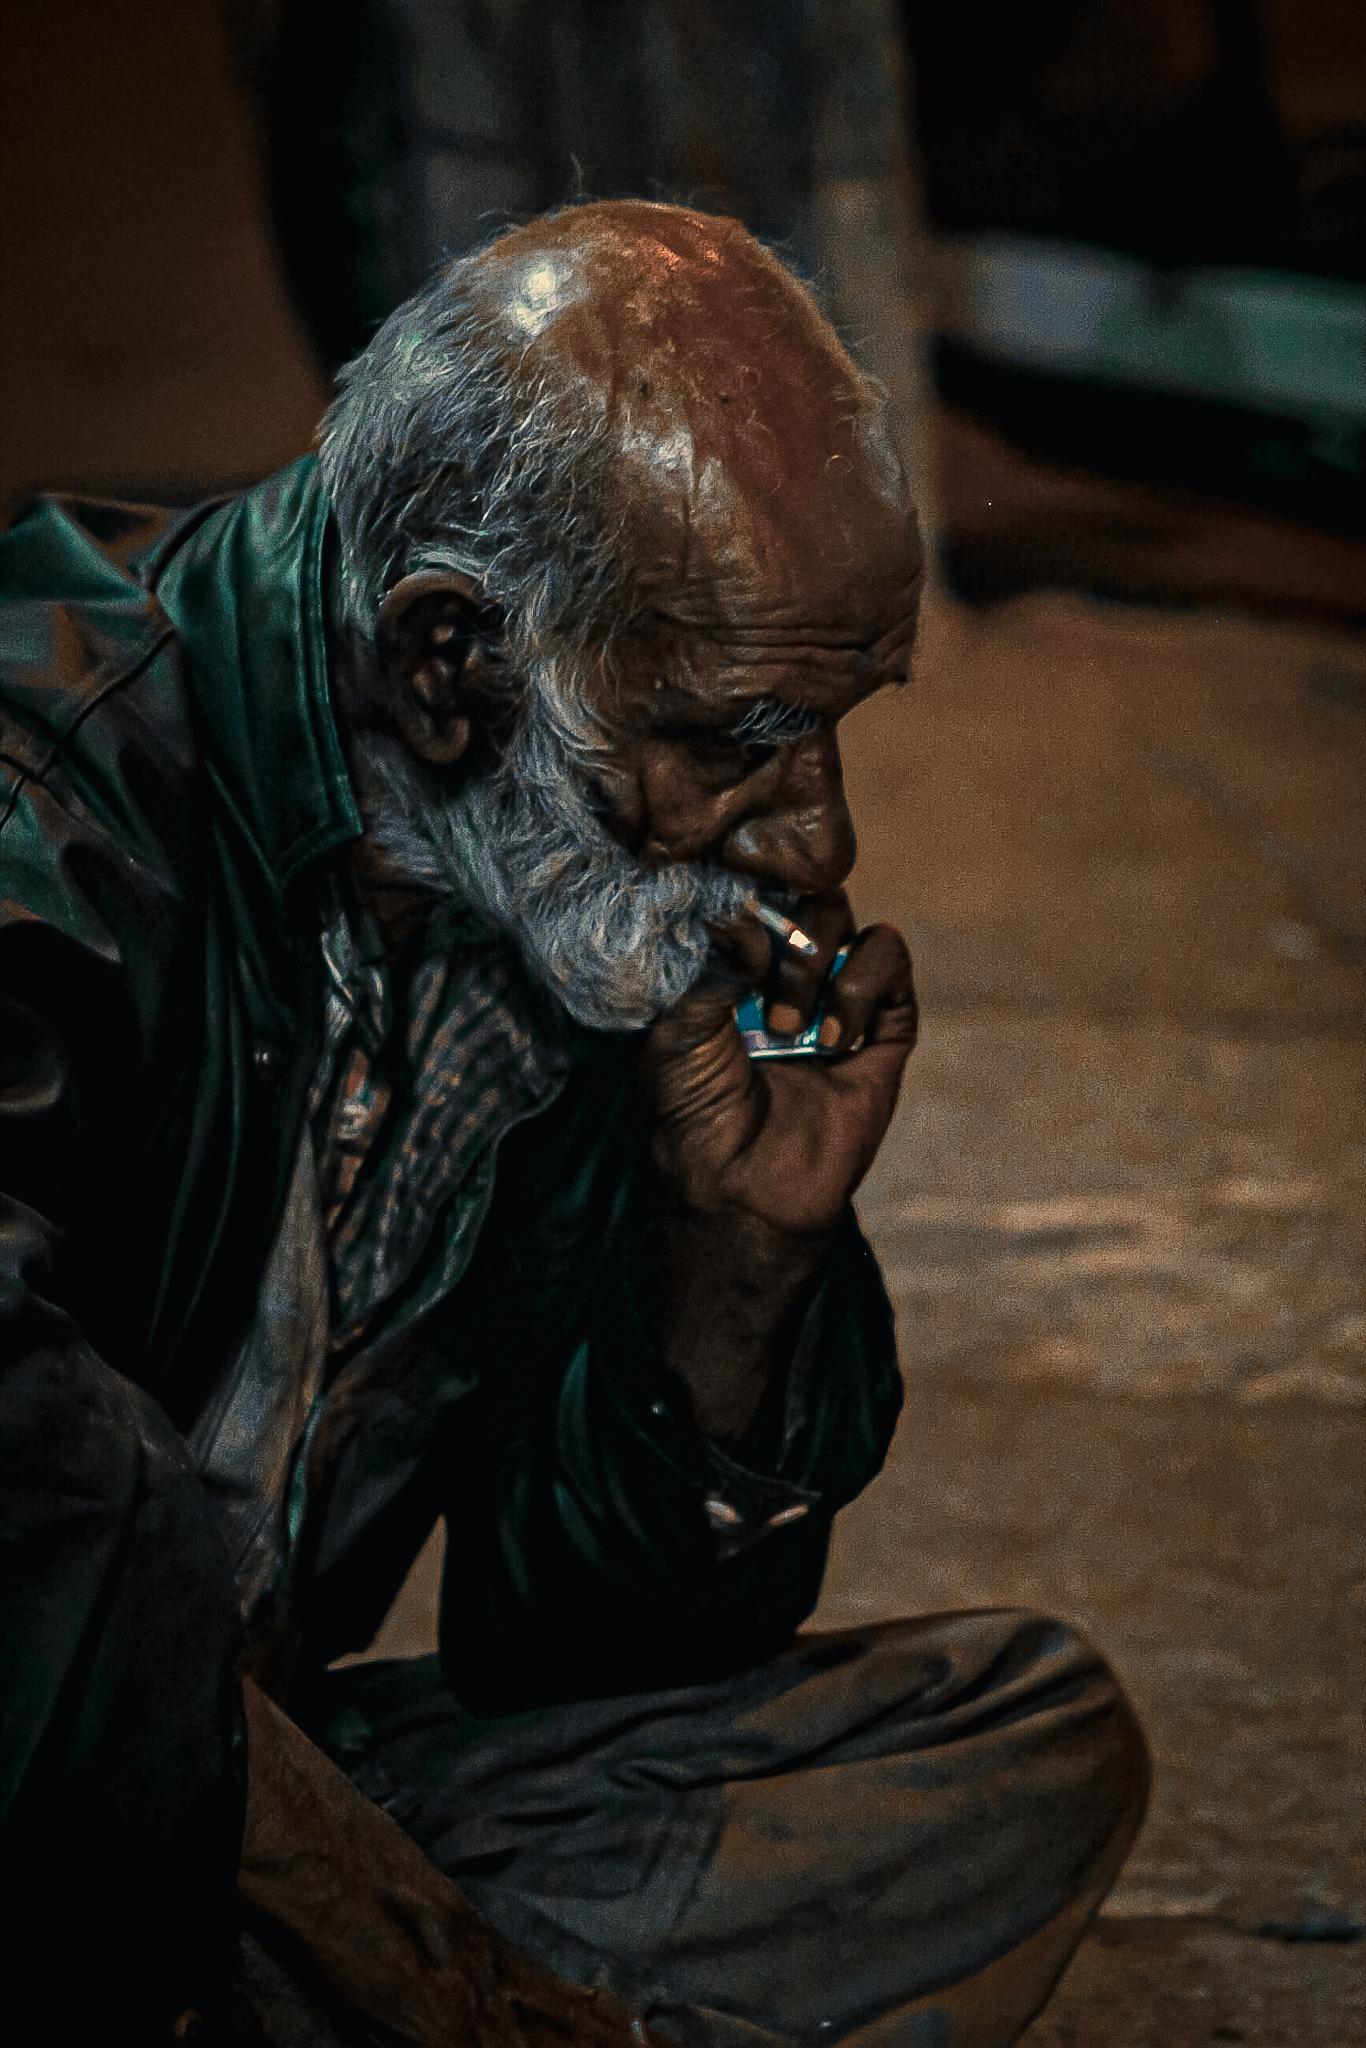 An old man smoking